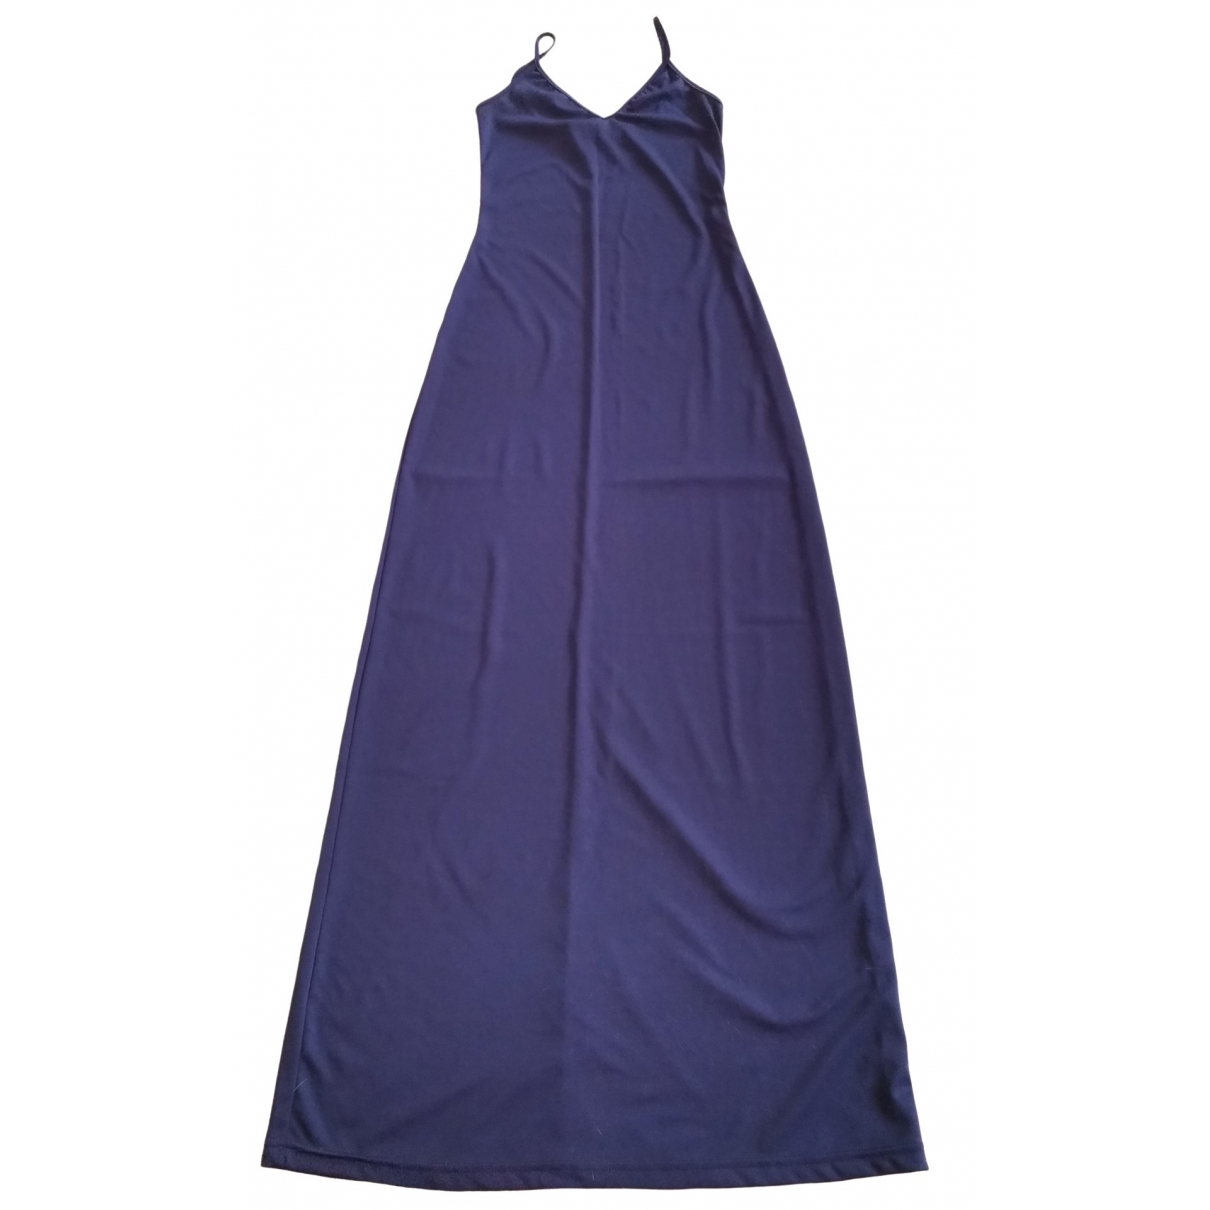 - Robe   pour femme - violet